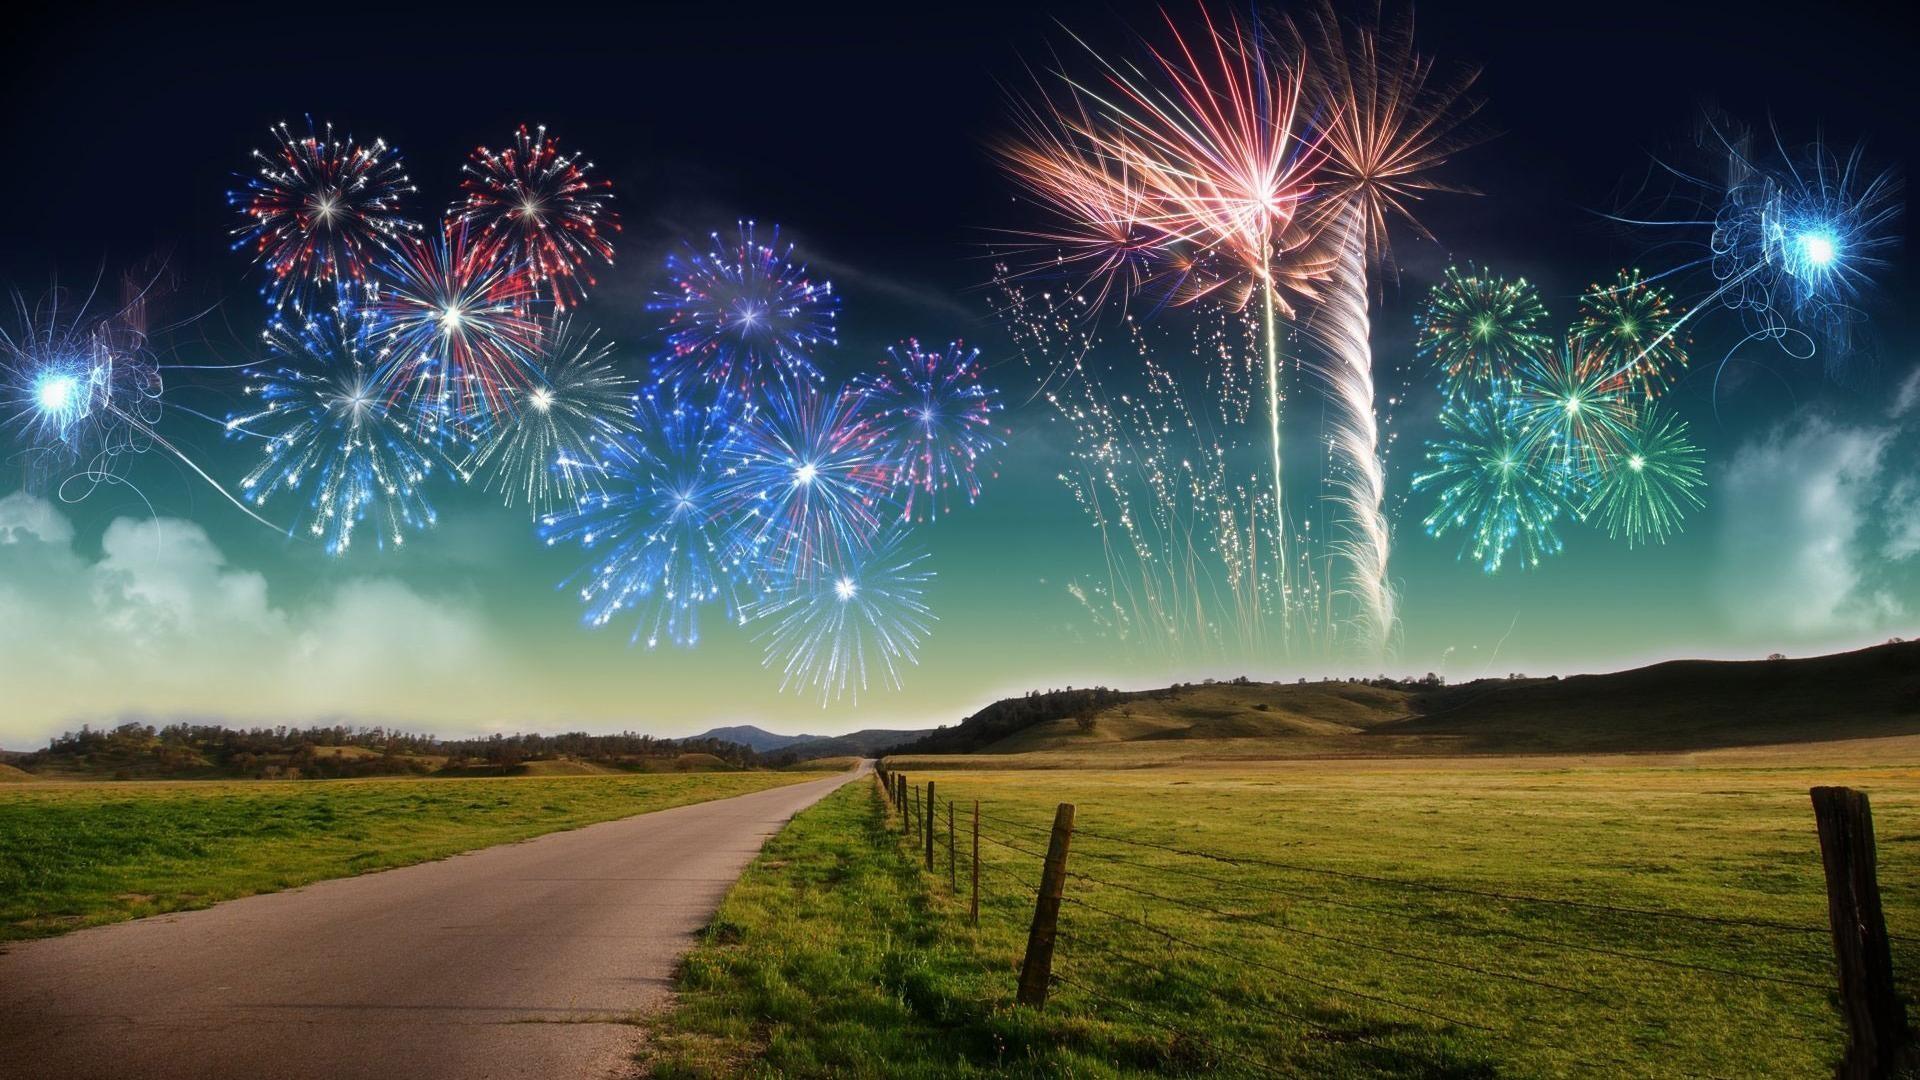 Bright fireworks field scenery wallpaper wide  wallpapers:1280×800,1440×900,1680×1050 – hd